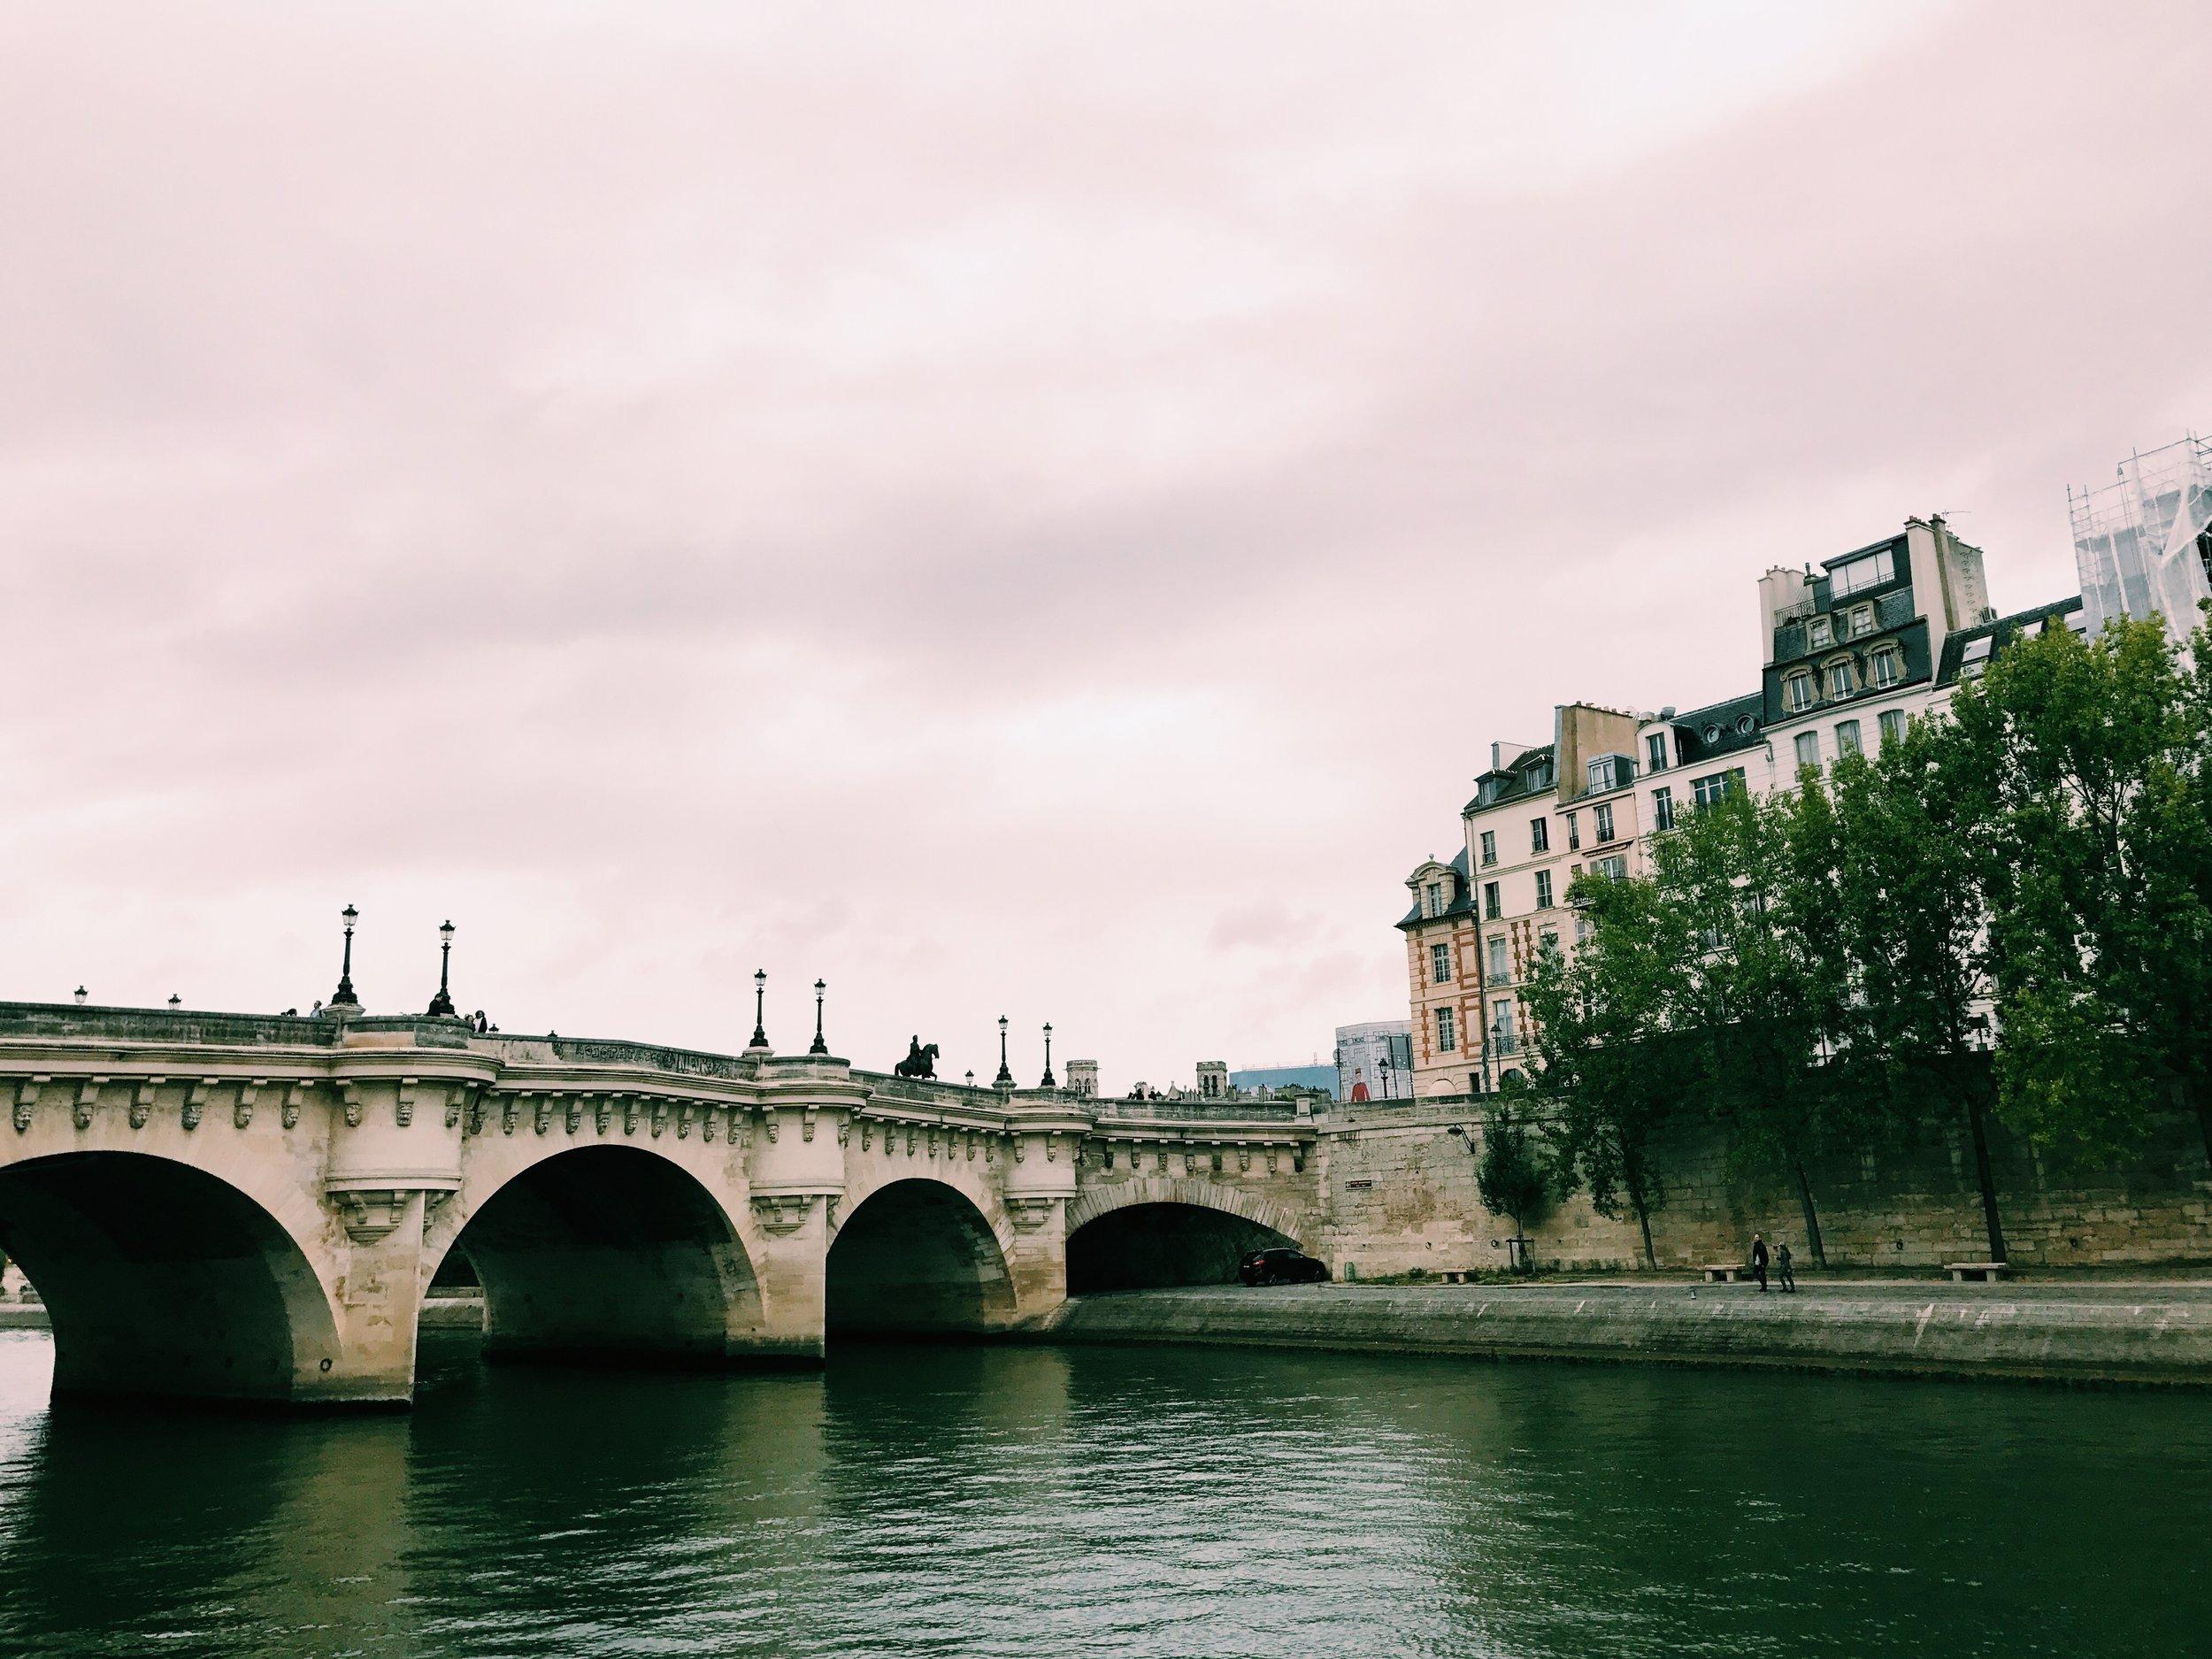 View from the Seine, Ile de la Cite